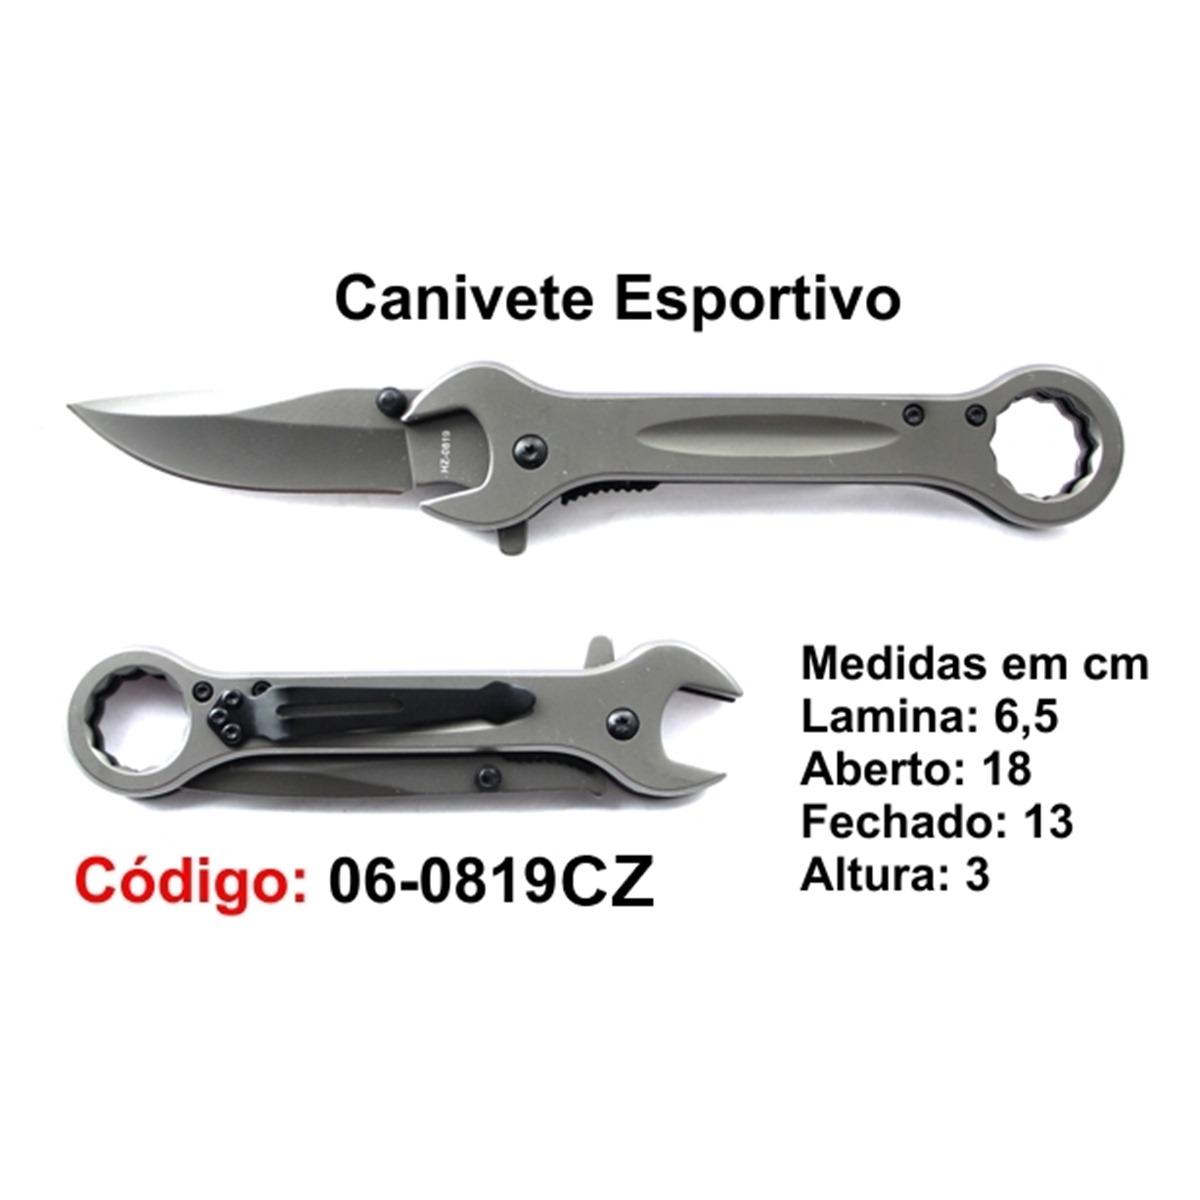 Canivete Esportivo Caça Pesca Etc. 06-0819CZ